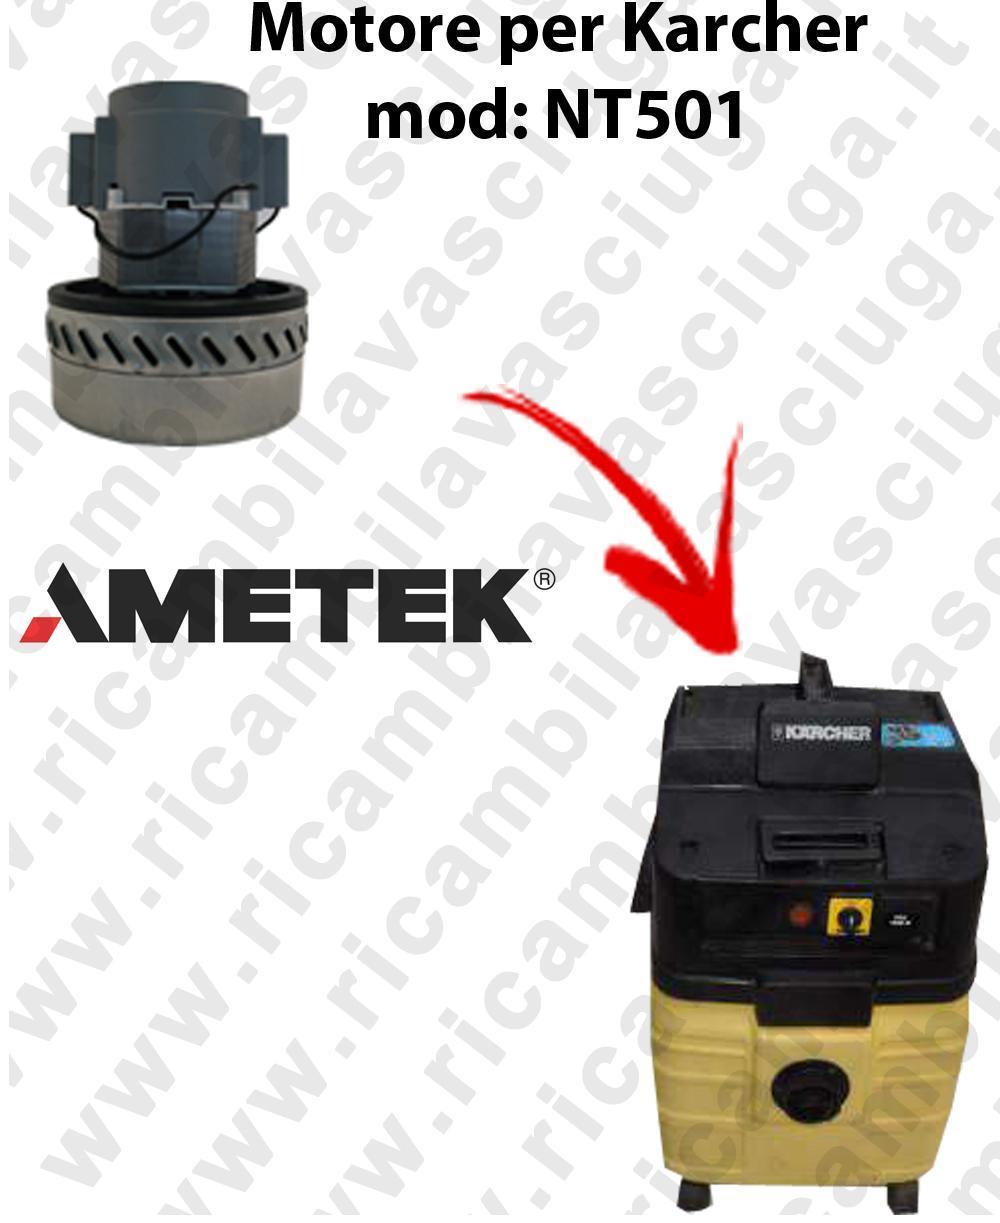 NT501 Saugmotor AMETEK für Staubsauger KARCHER-2